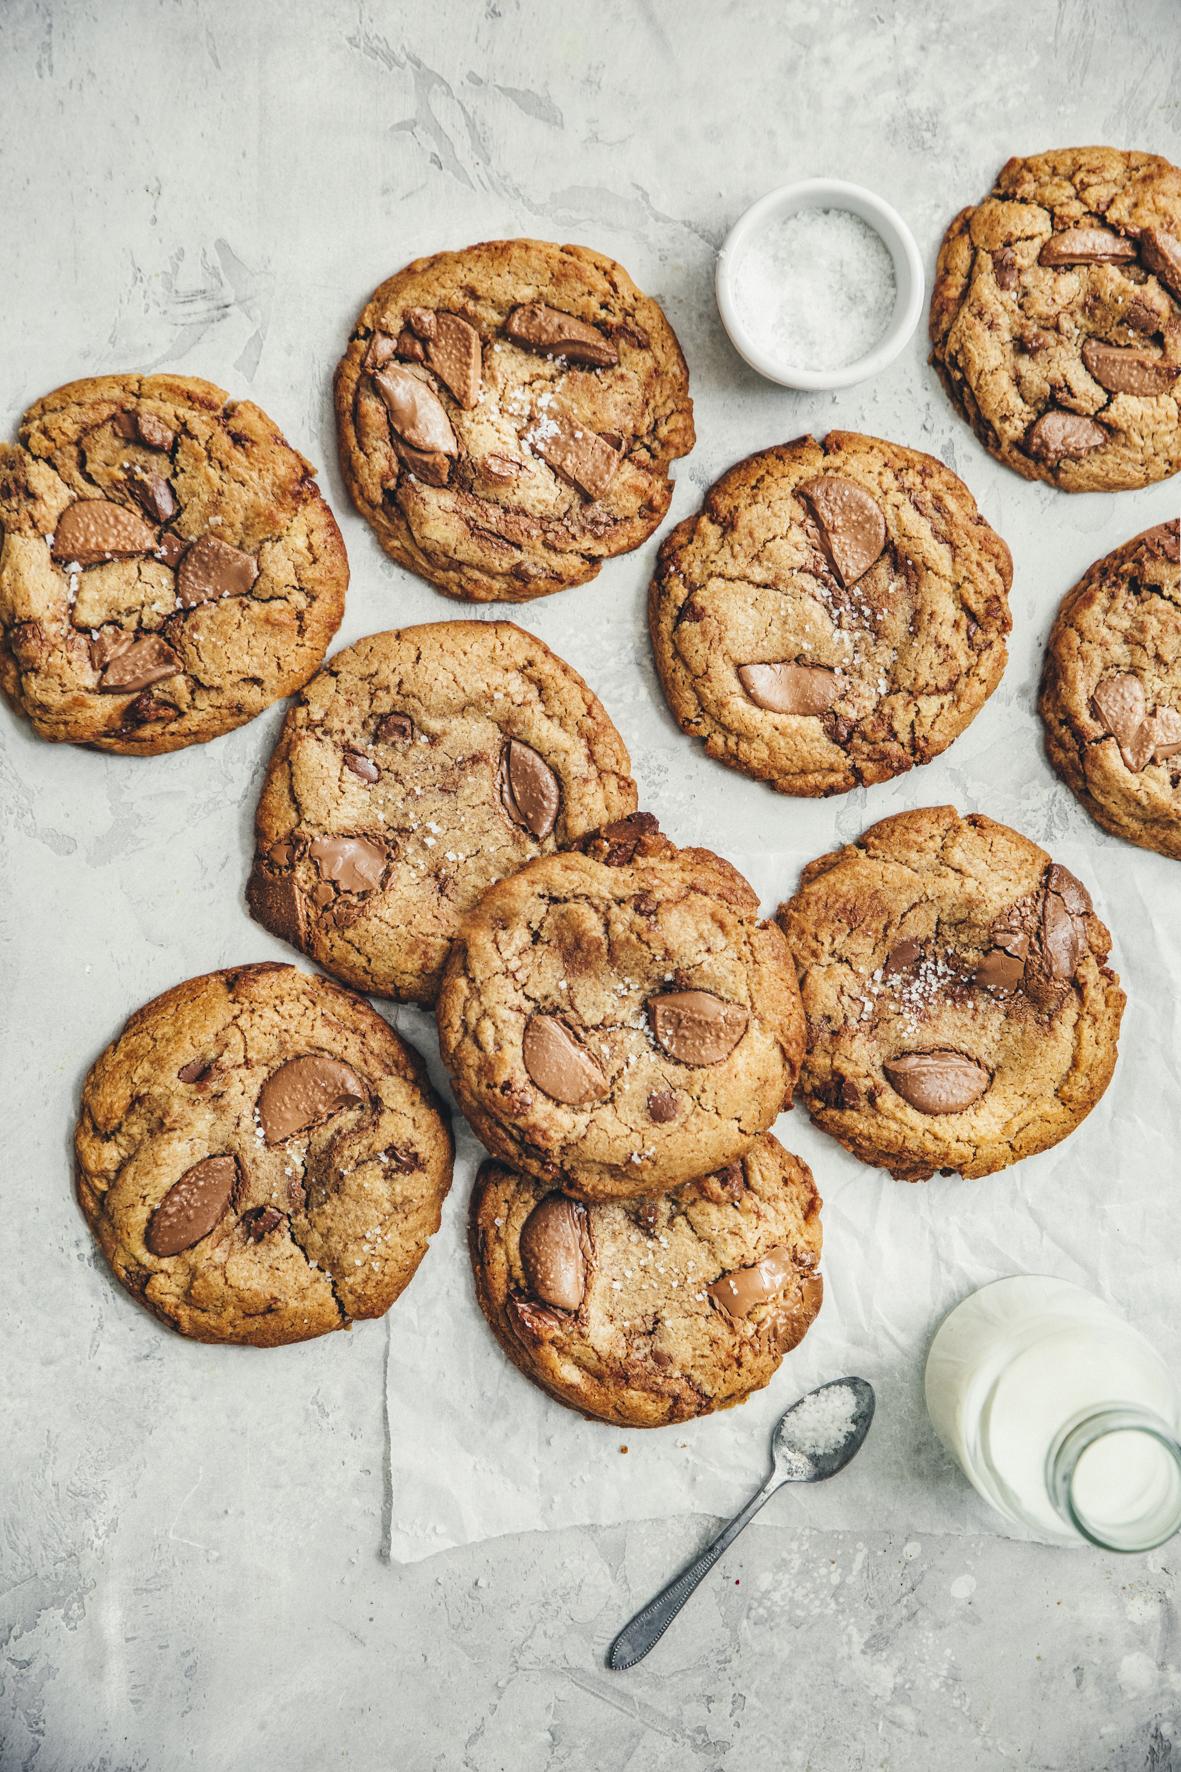 Cookies au beurre noisette et au chocolat au lait ©Sandrine Saadi